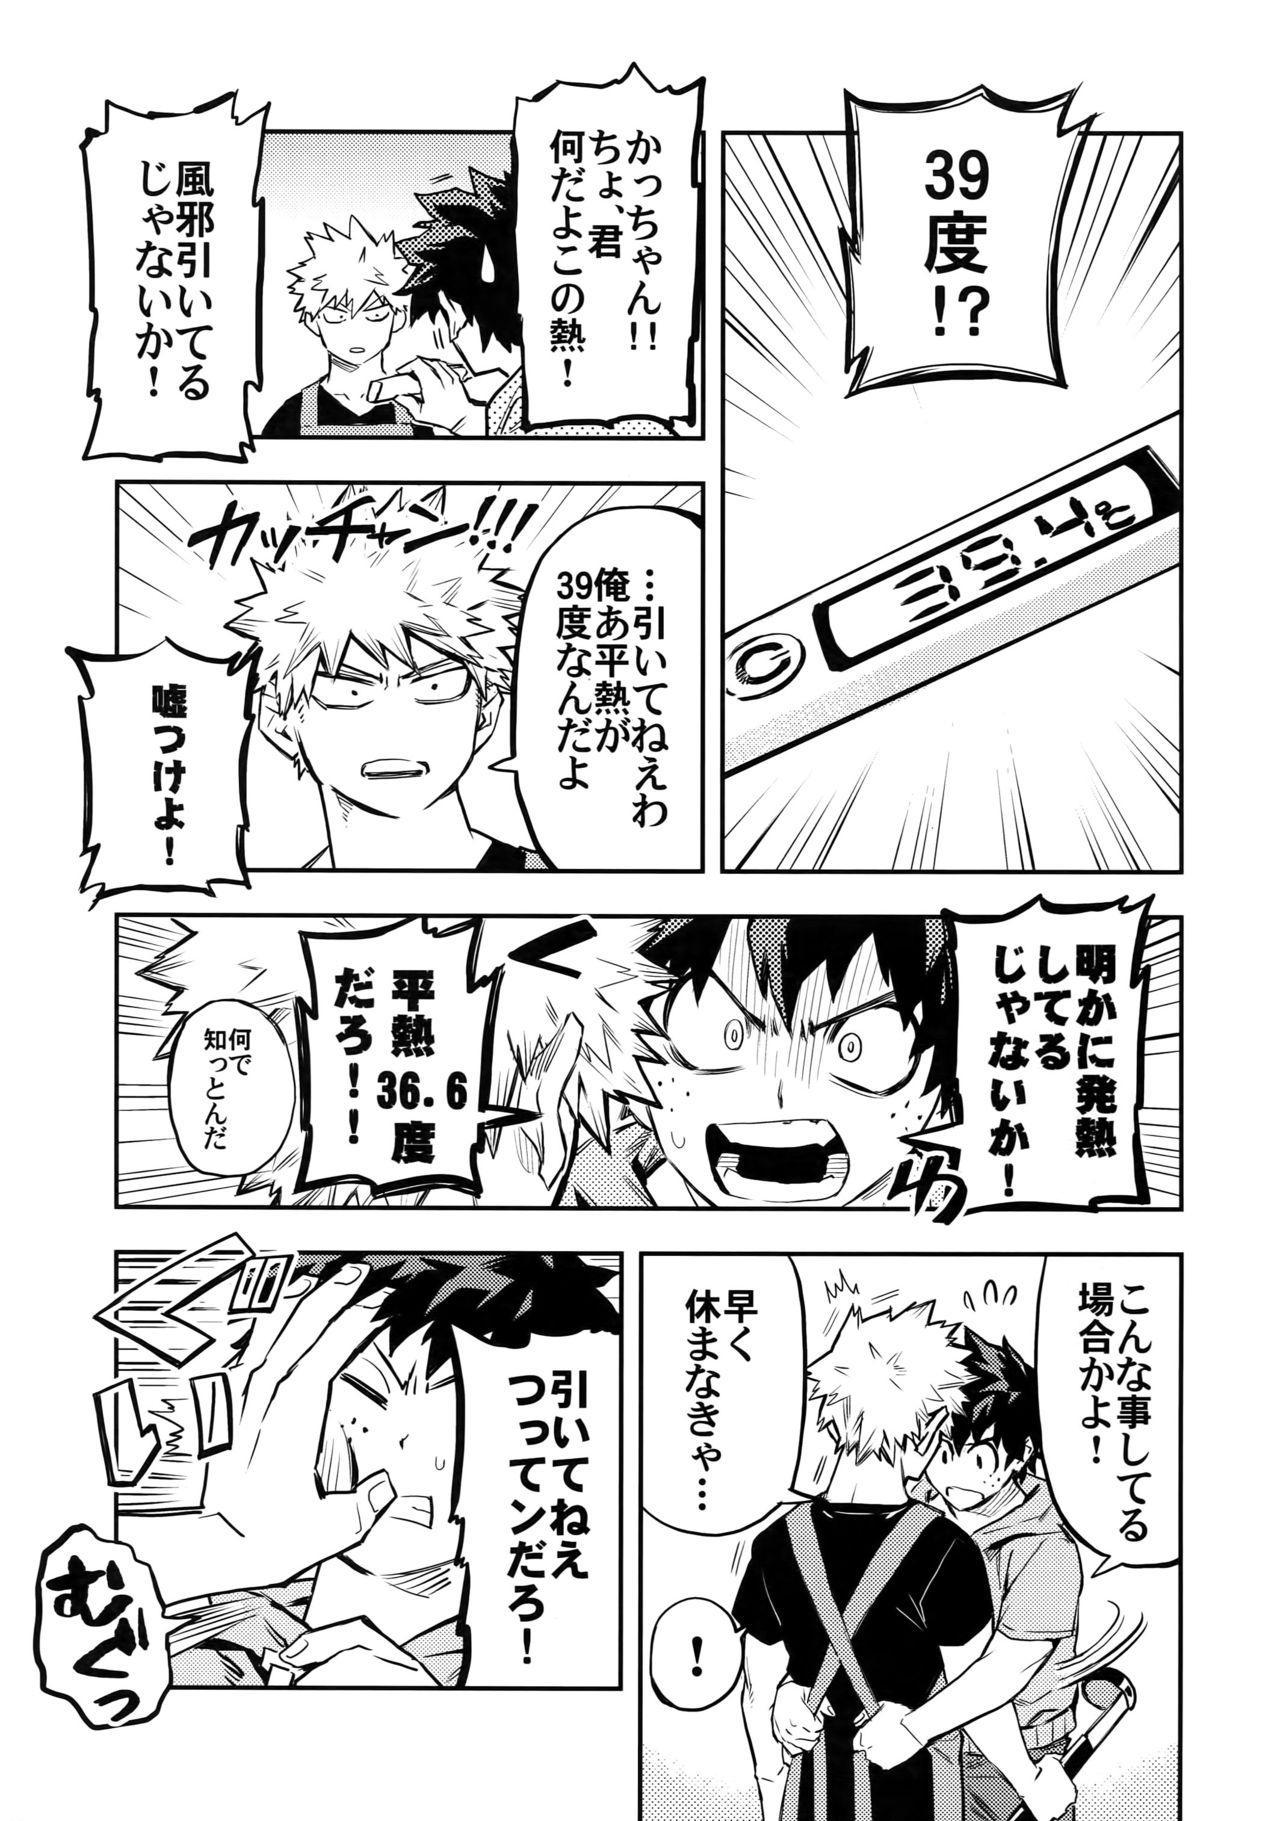 Kazehiki Kacchan to Boku no Koubousen 5